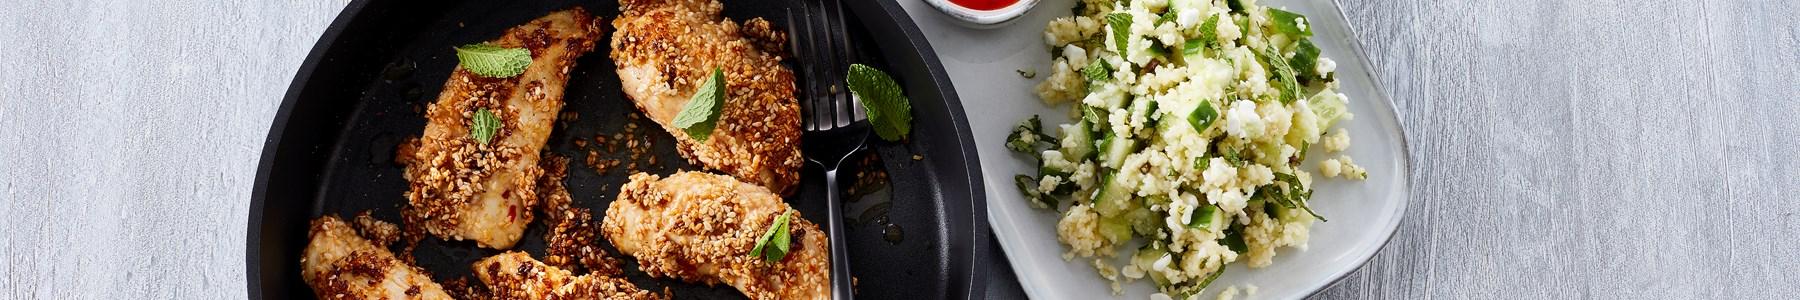 Ingefær + Salater + Couscous